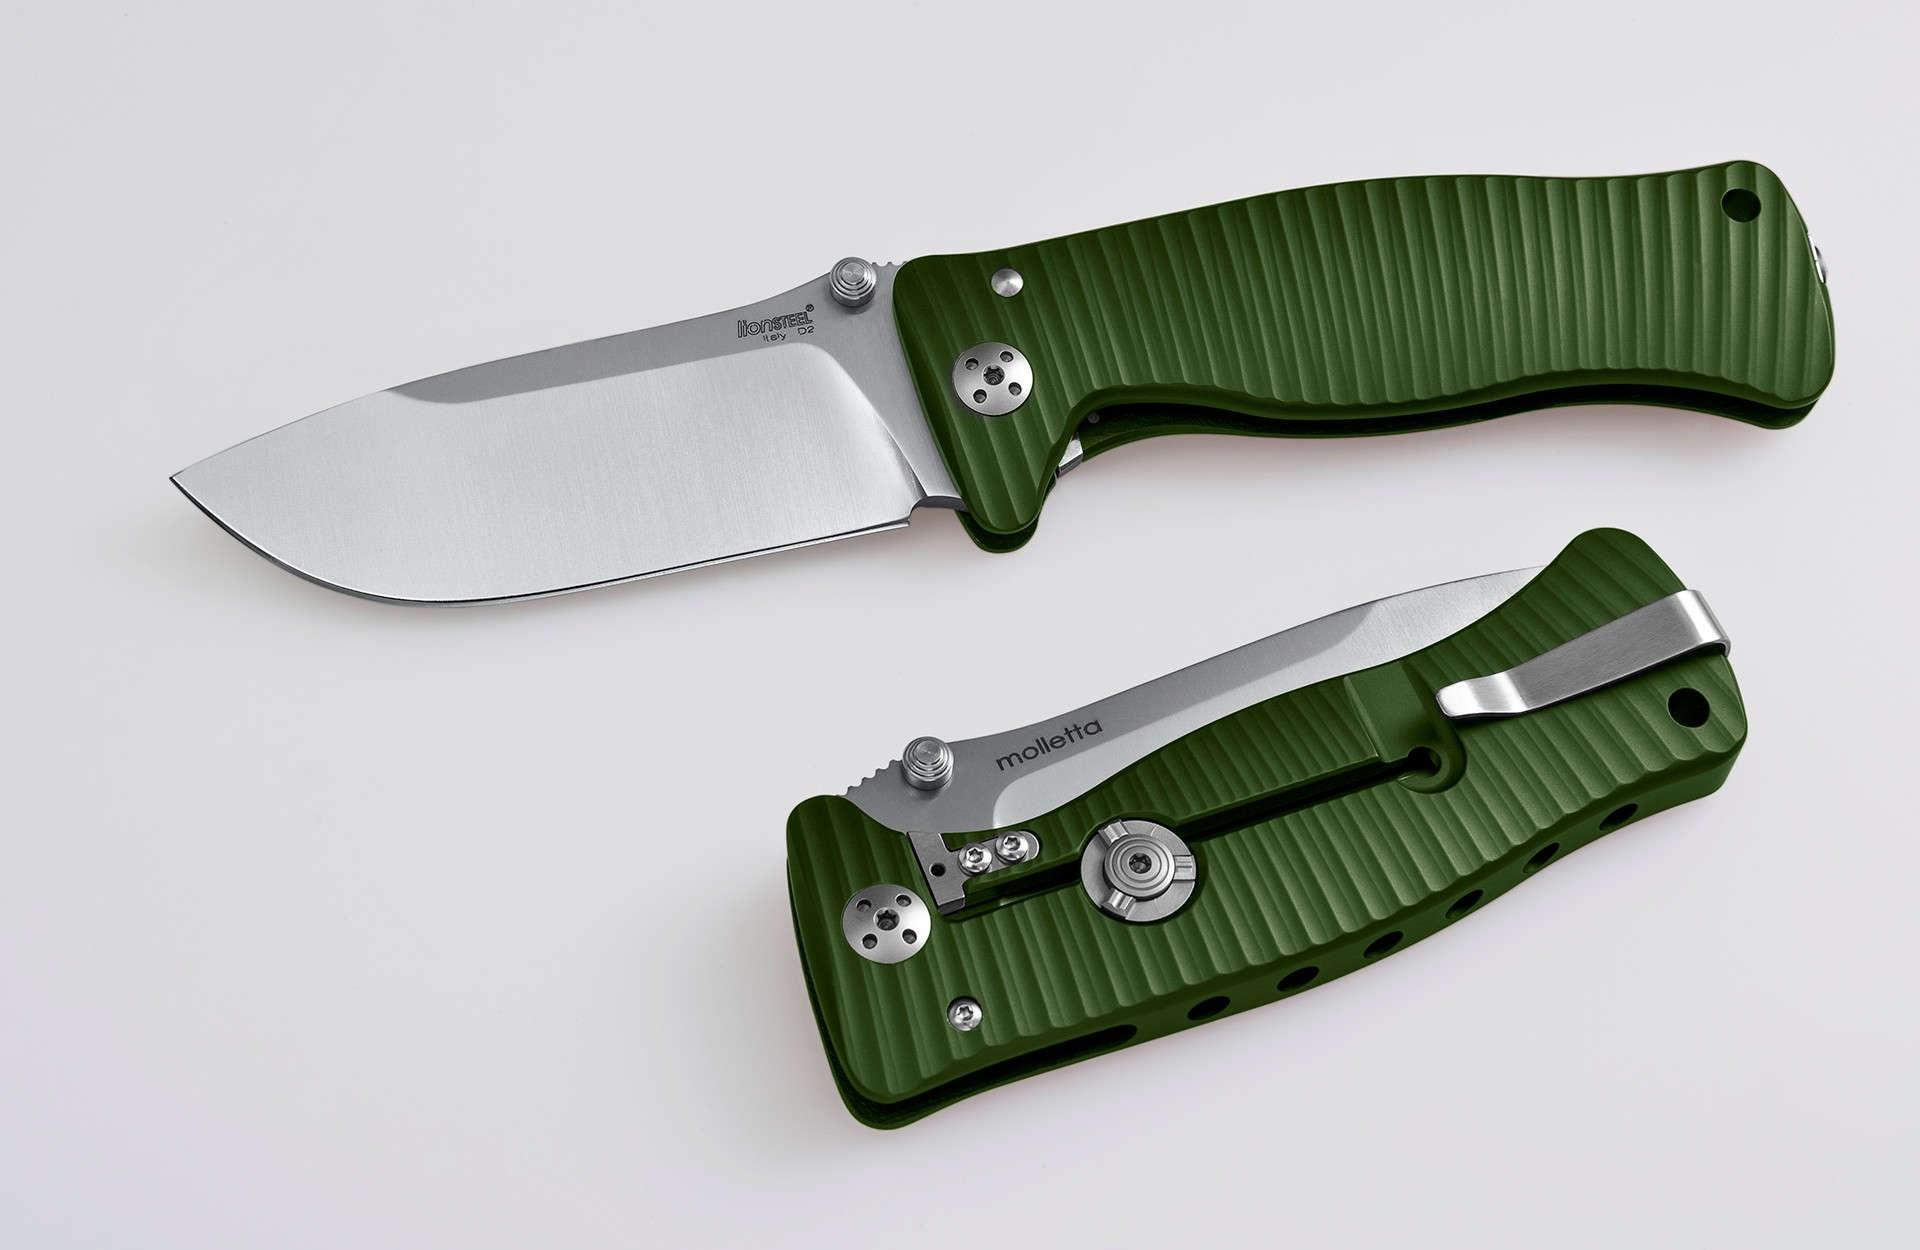 Фото 6 - Нож складной LionSteel SR1A GS GREEN, сталь D2 Satin Finish, рукоять алюминий (Solid®), зелёный от Lion Steel